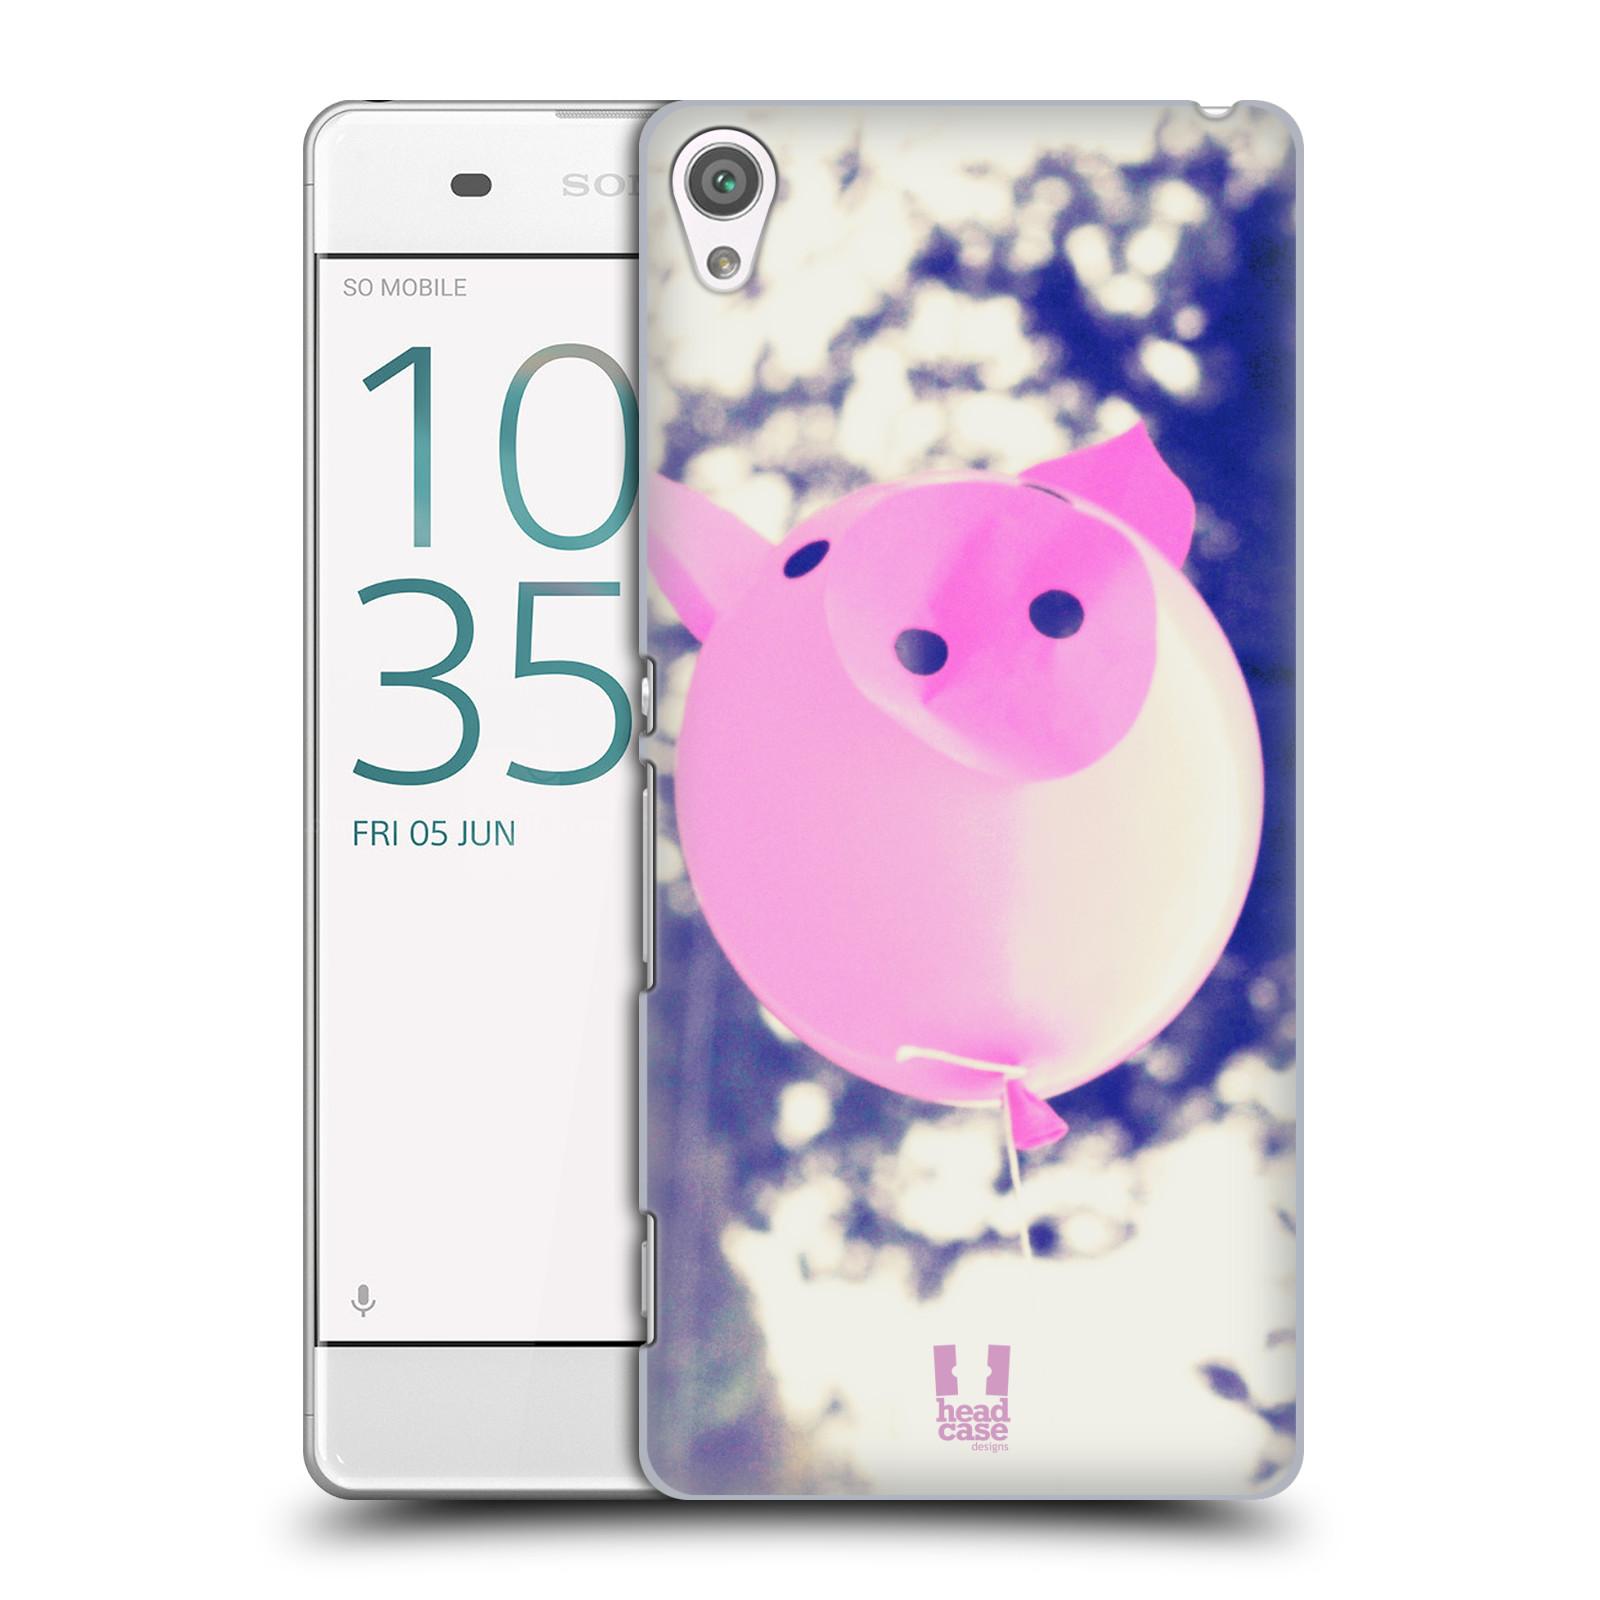 Plastové pouzdro na mobil Sony Xperia XA HEAD CASE BALON PAŠÍK